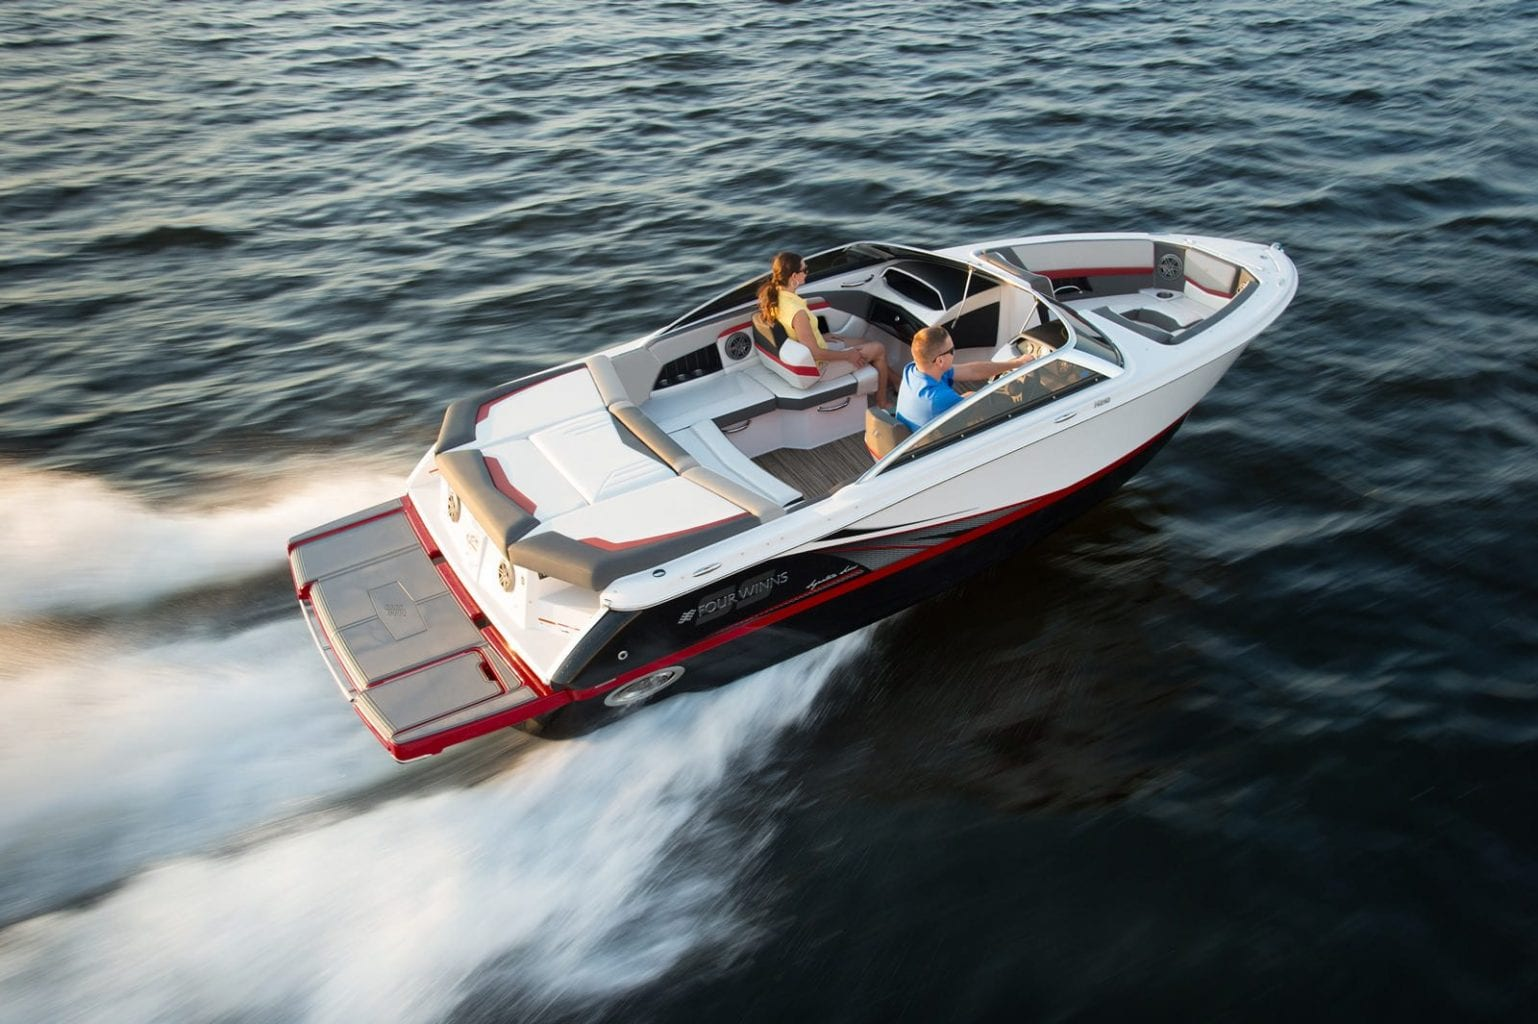 סירת מנוע (ספורט) Four Winns 210 - Four Winns 210 - Stream Yachts